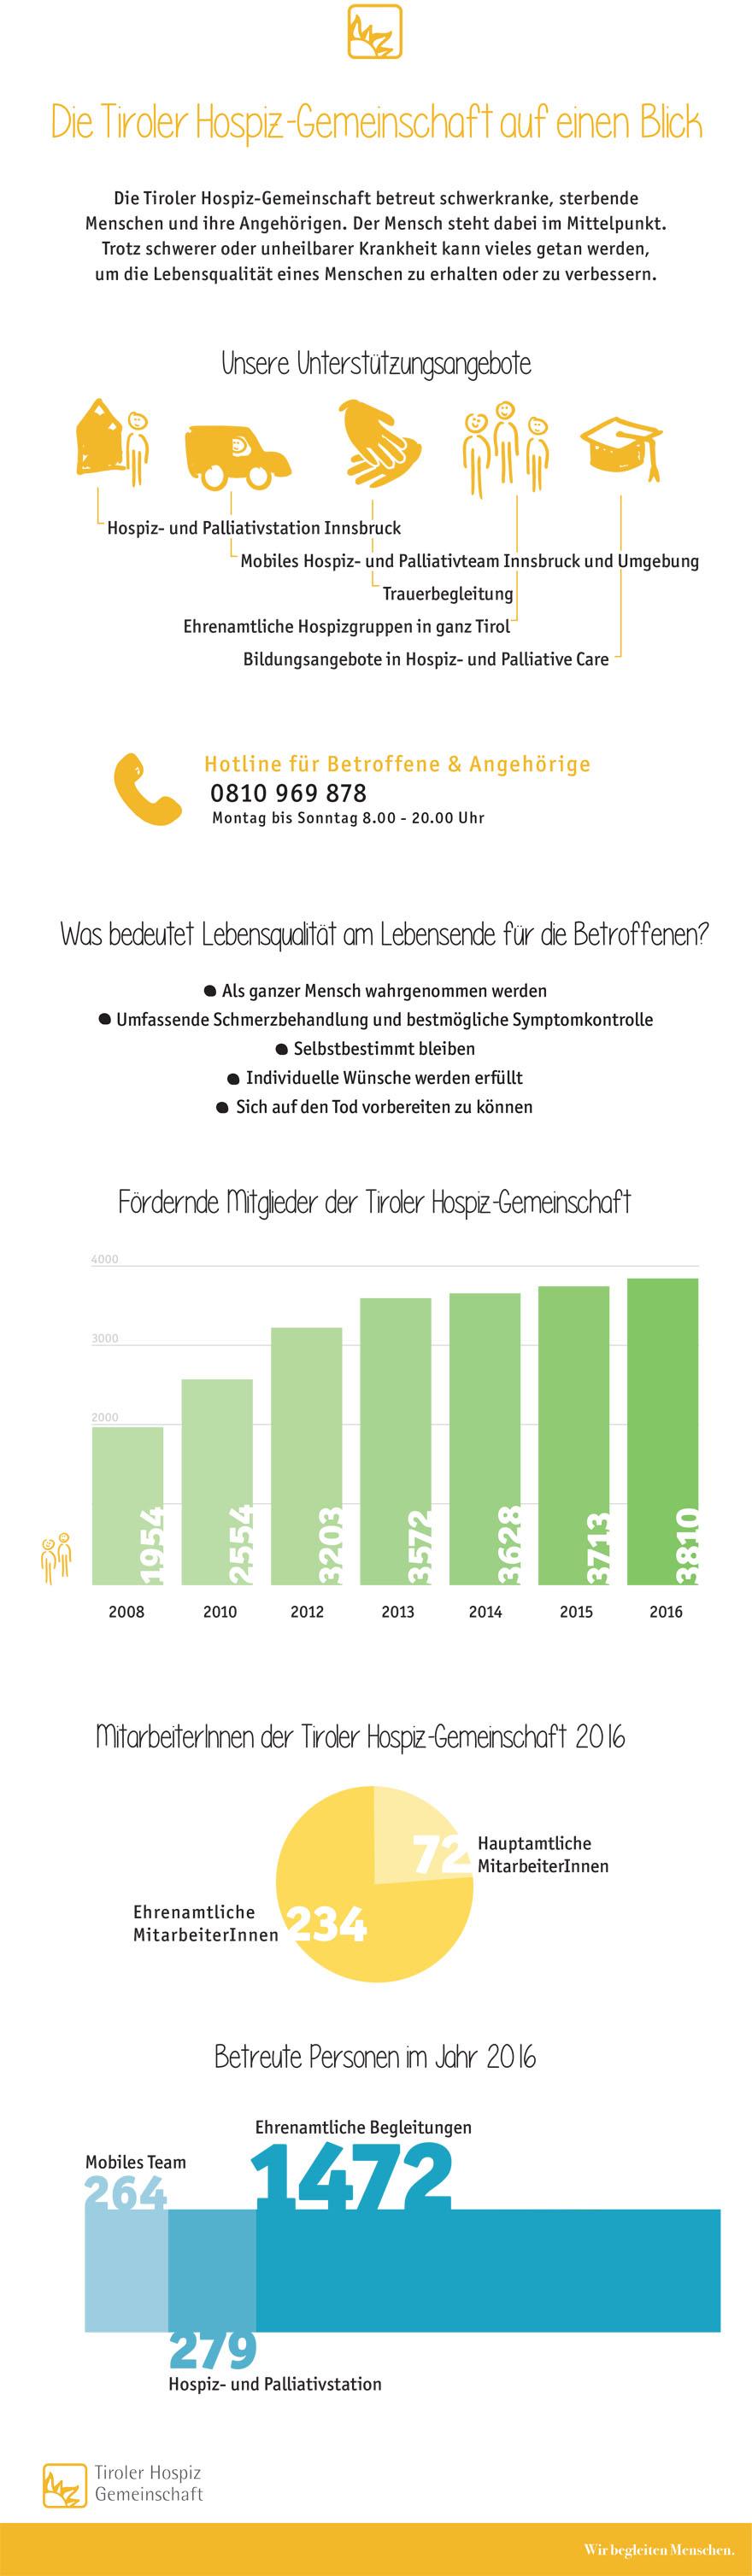 880 infografik Tiroler HOspiz-Gemeinschaft 2016